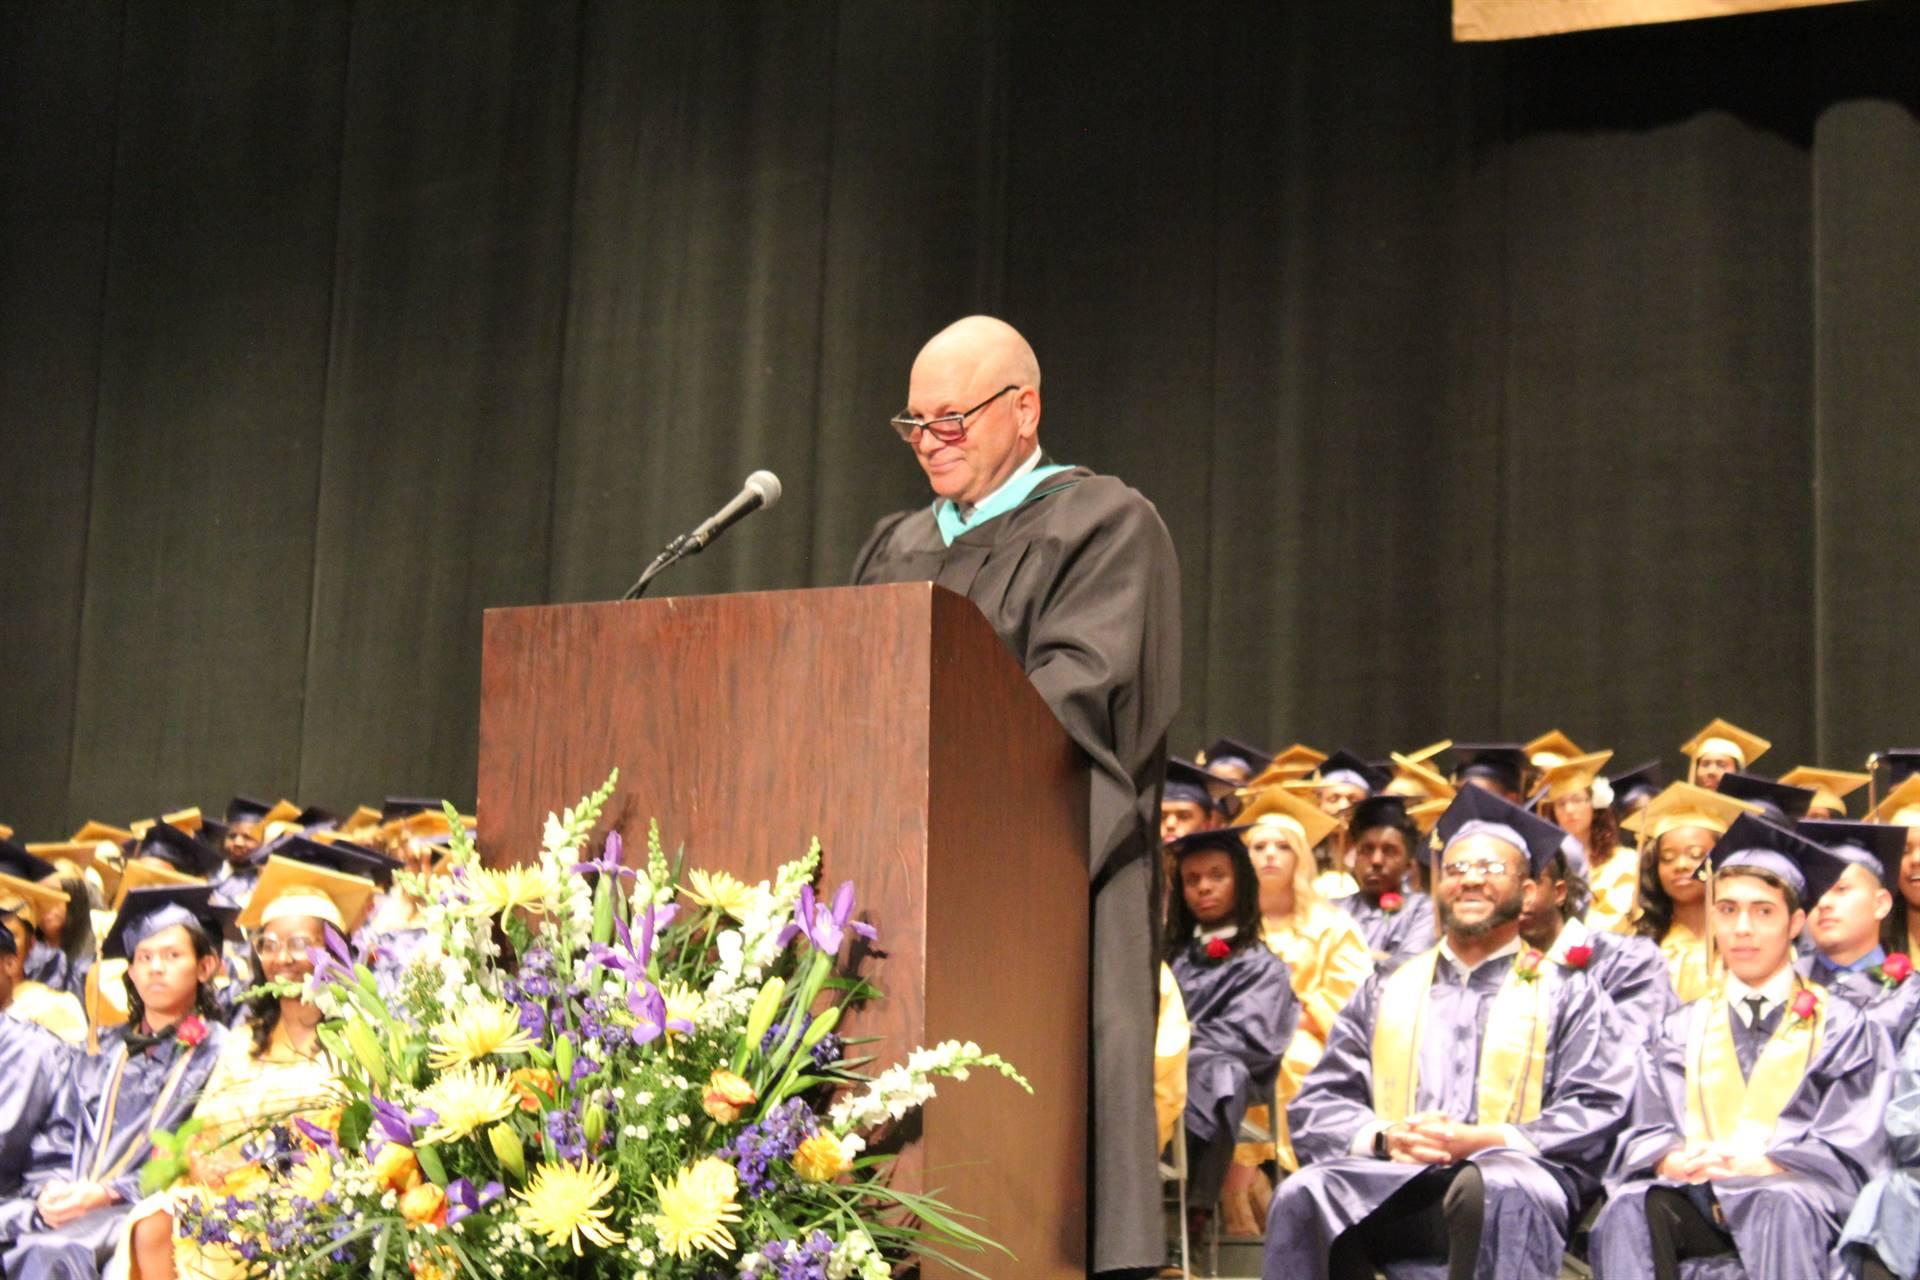 Mr. Olszewski Speaking